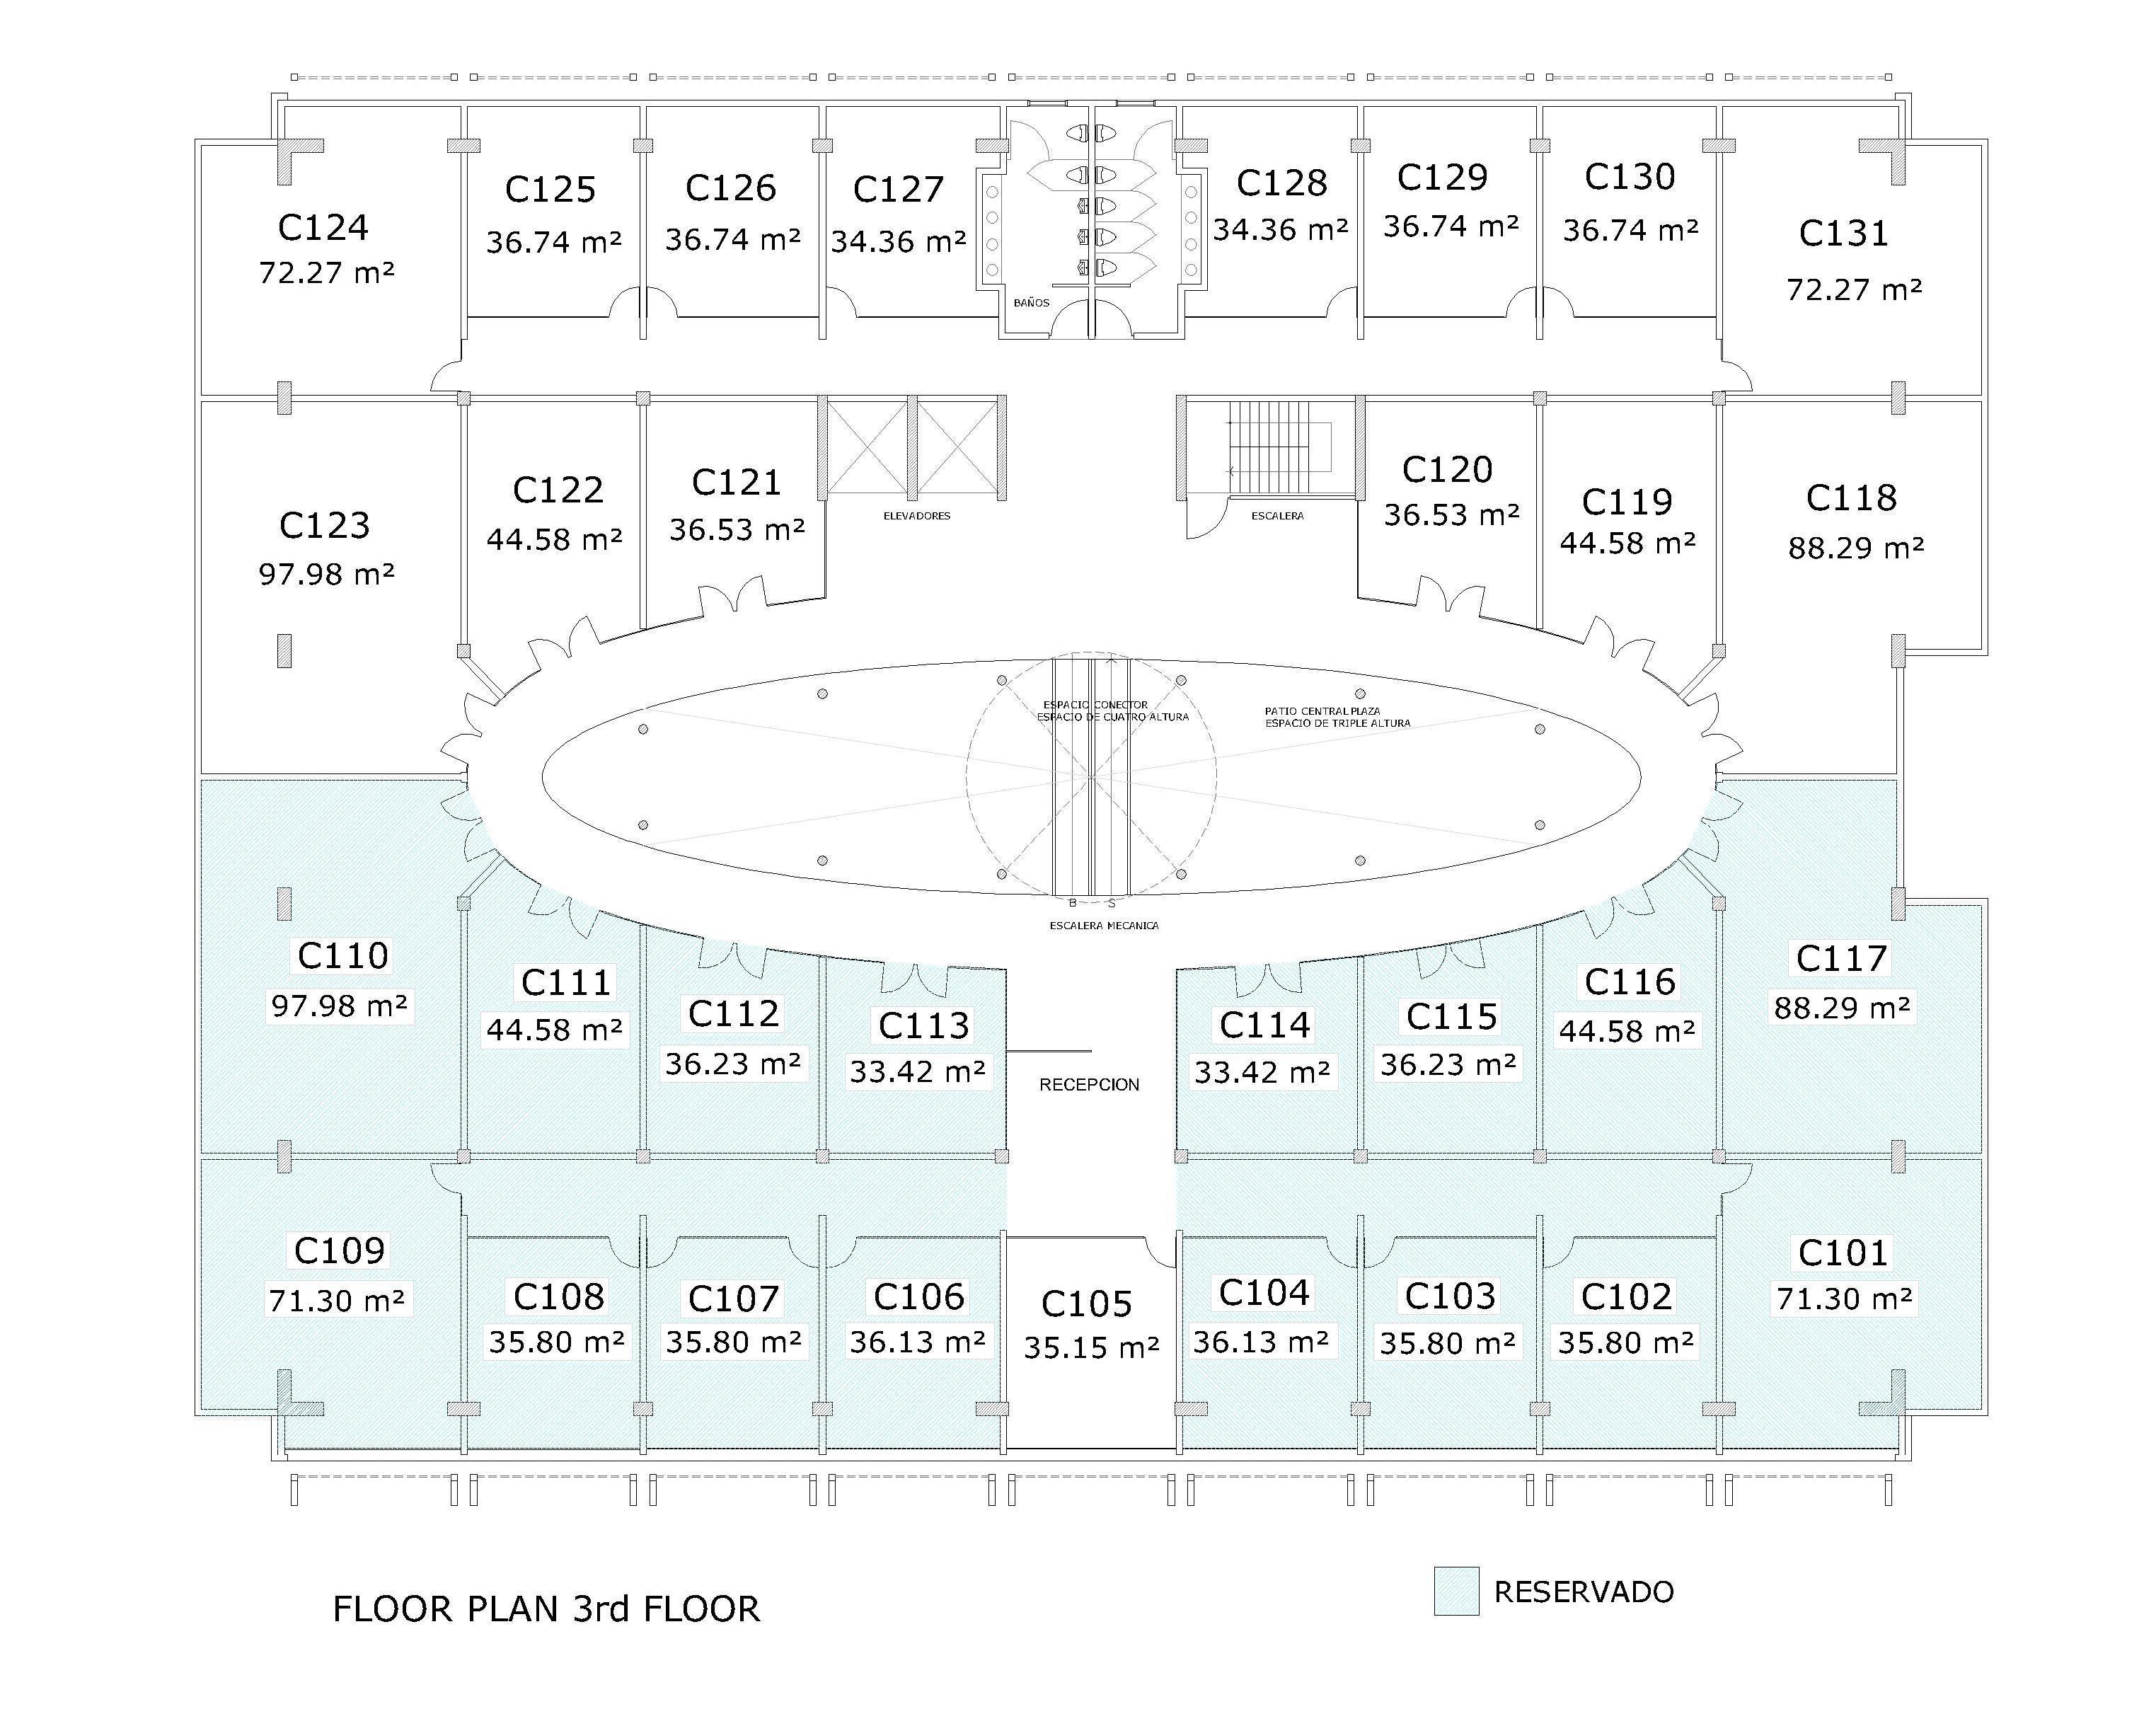 BTM Floor Plan 3rd Floor